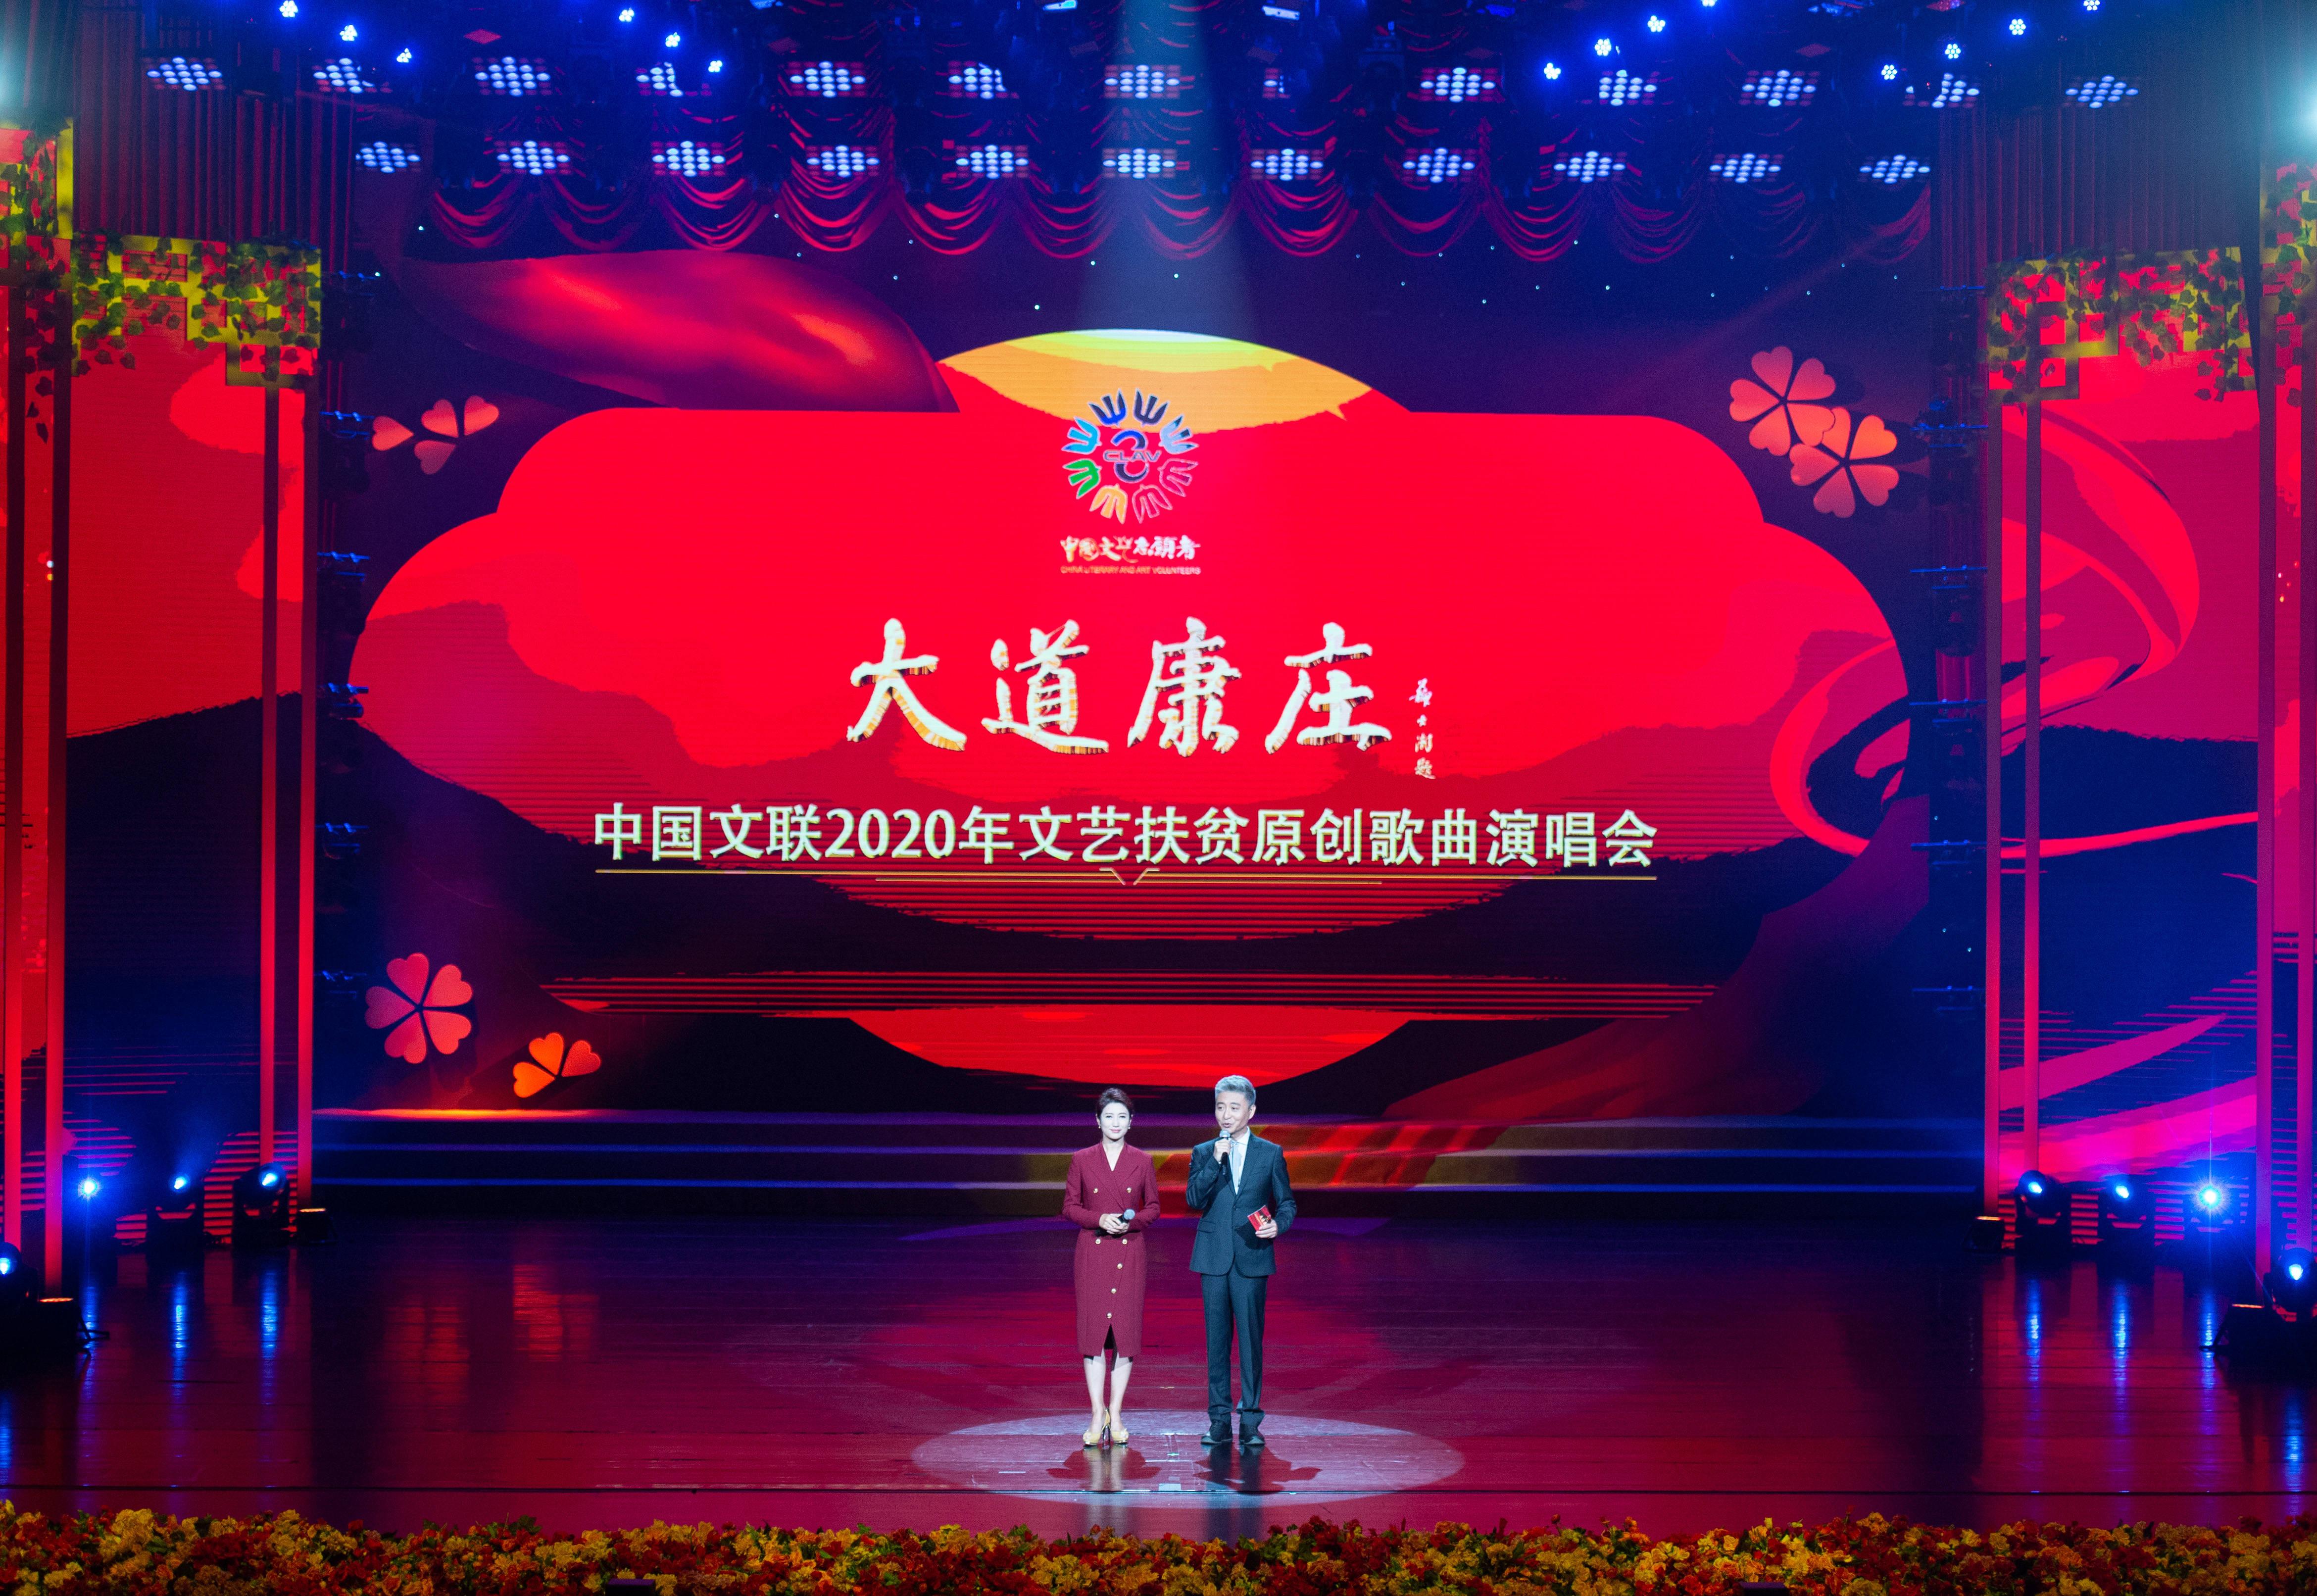 """""""大道康庄""""中国文联2020年文艺扶贫歌曲演唱会在京举行"""